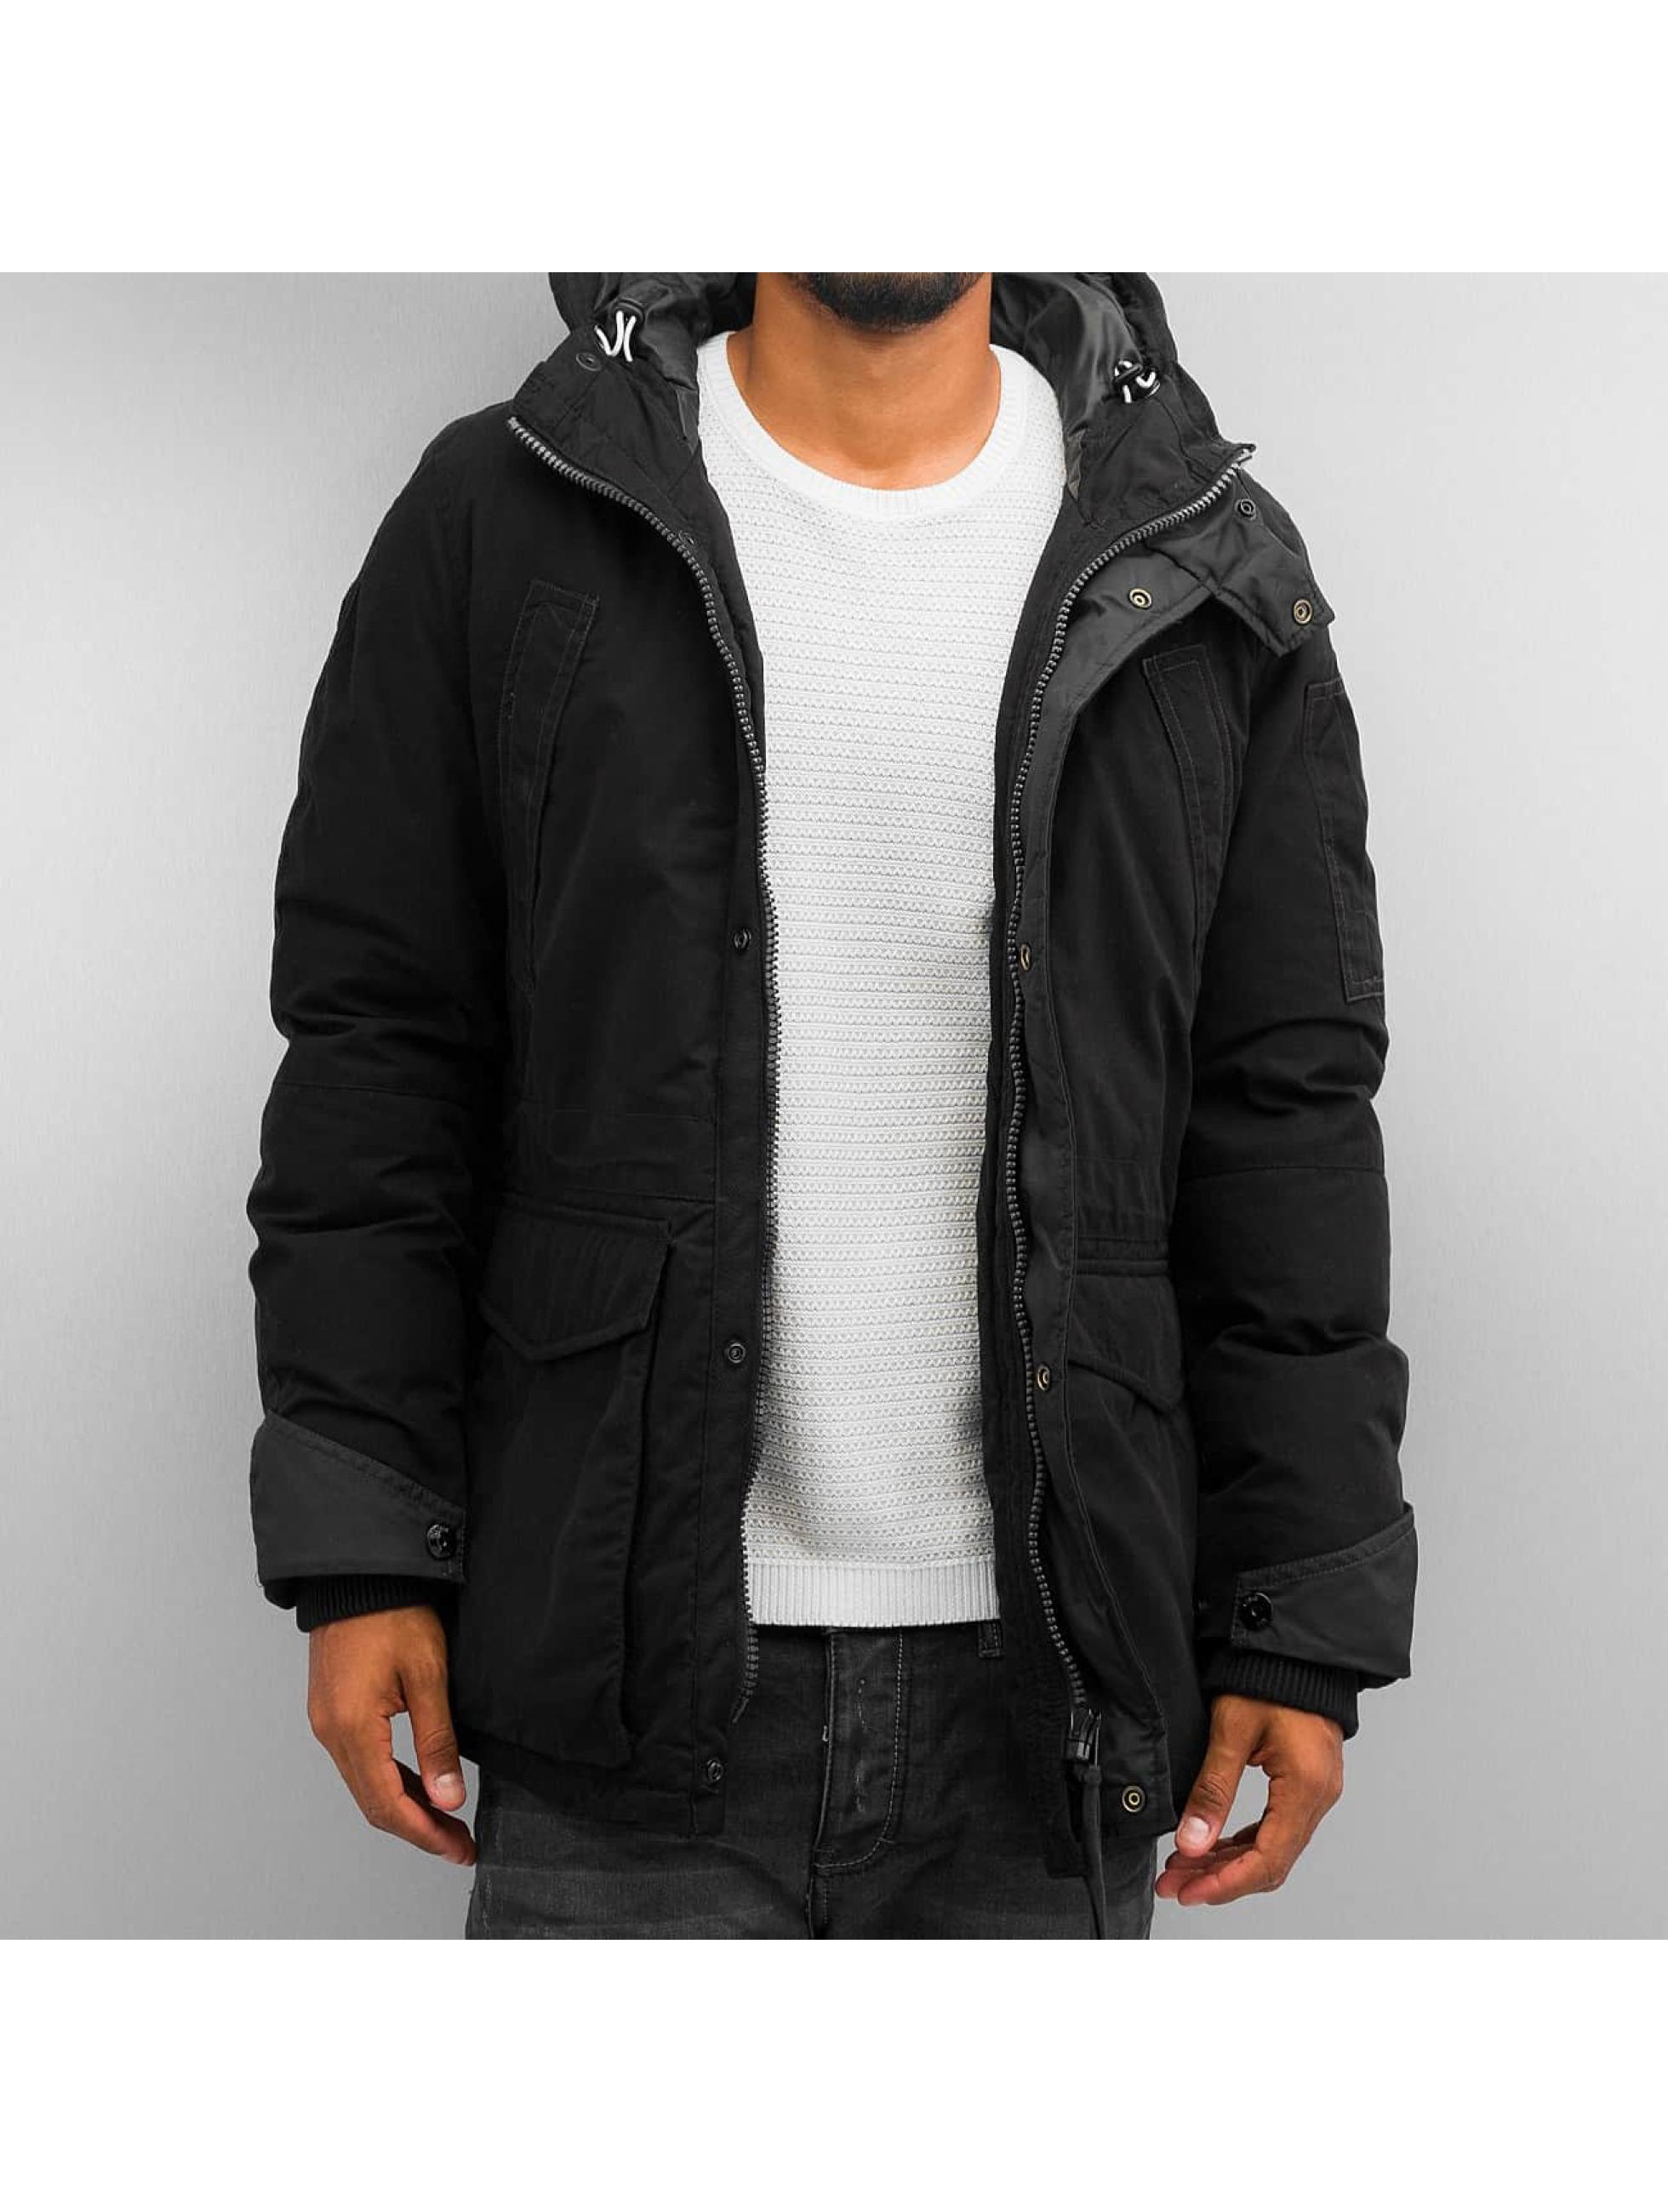 g star veste blouson veste d 39 hiver expedic en noir 283366. Black Bedroom Furniture Sets. Home Design Ideas